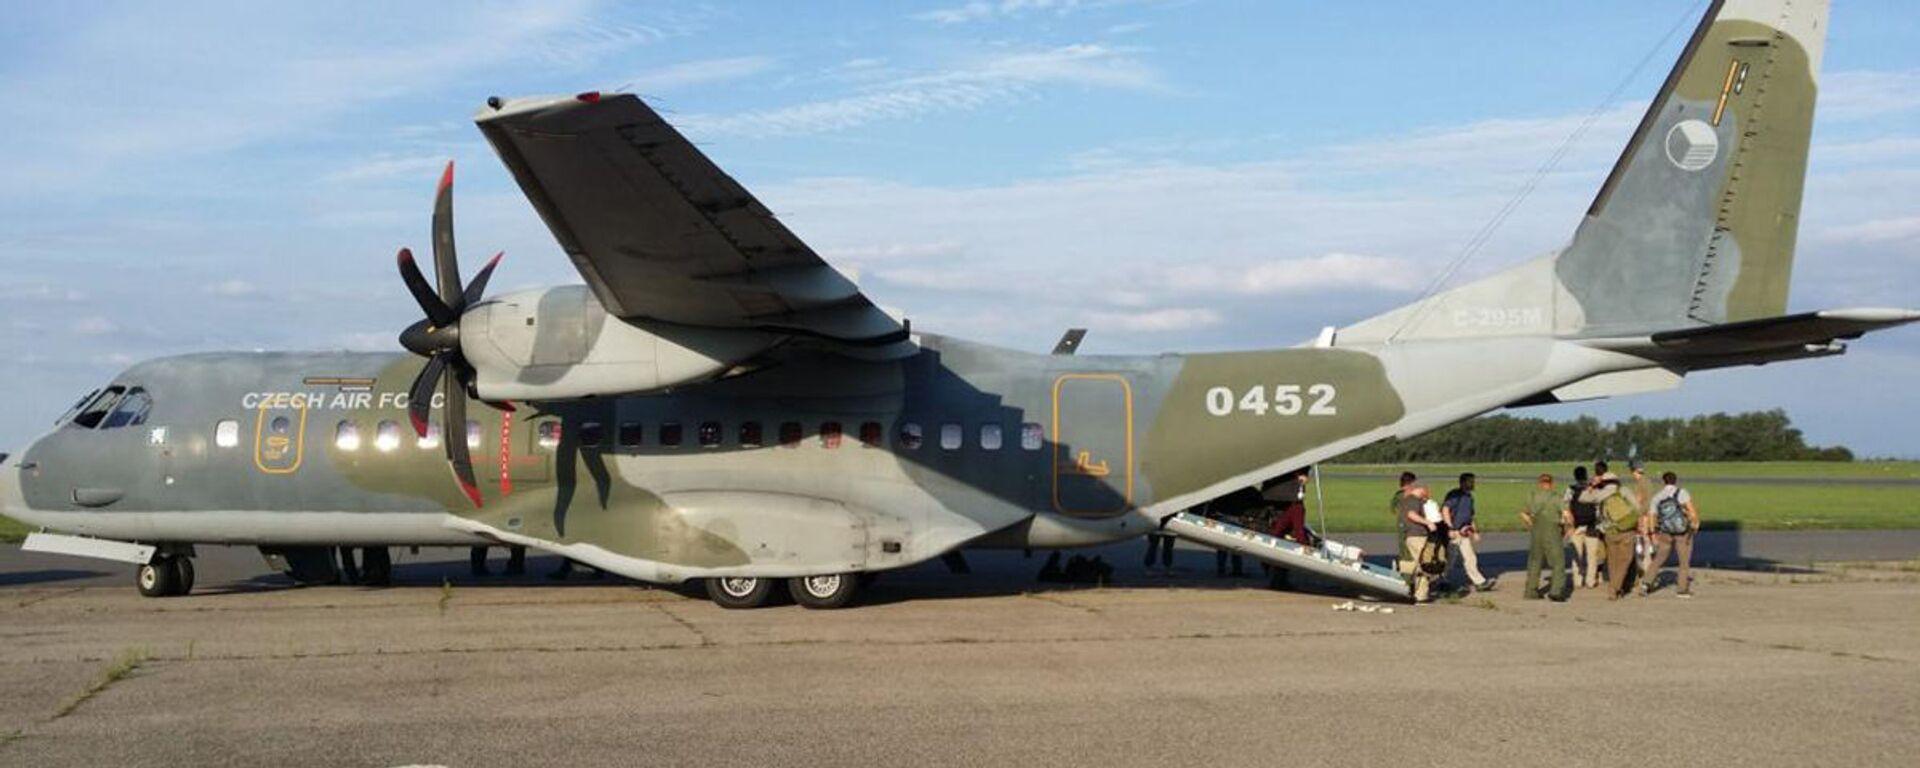 Самолет армии Чешской Республики CASA C-295MW - Sputnik Česká republika, 1920, 15.08.2021